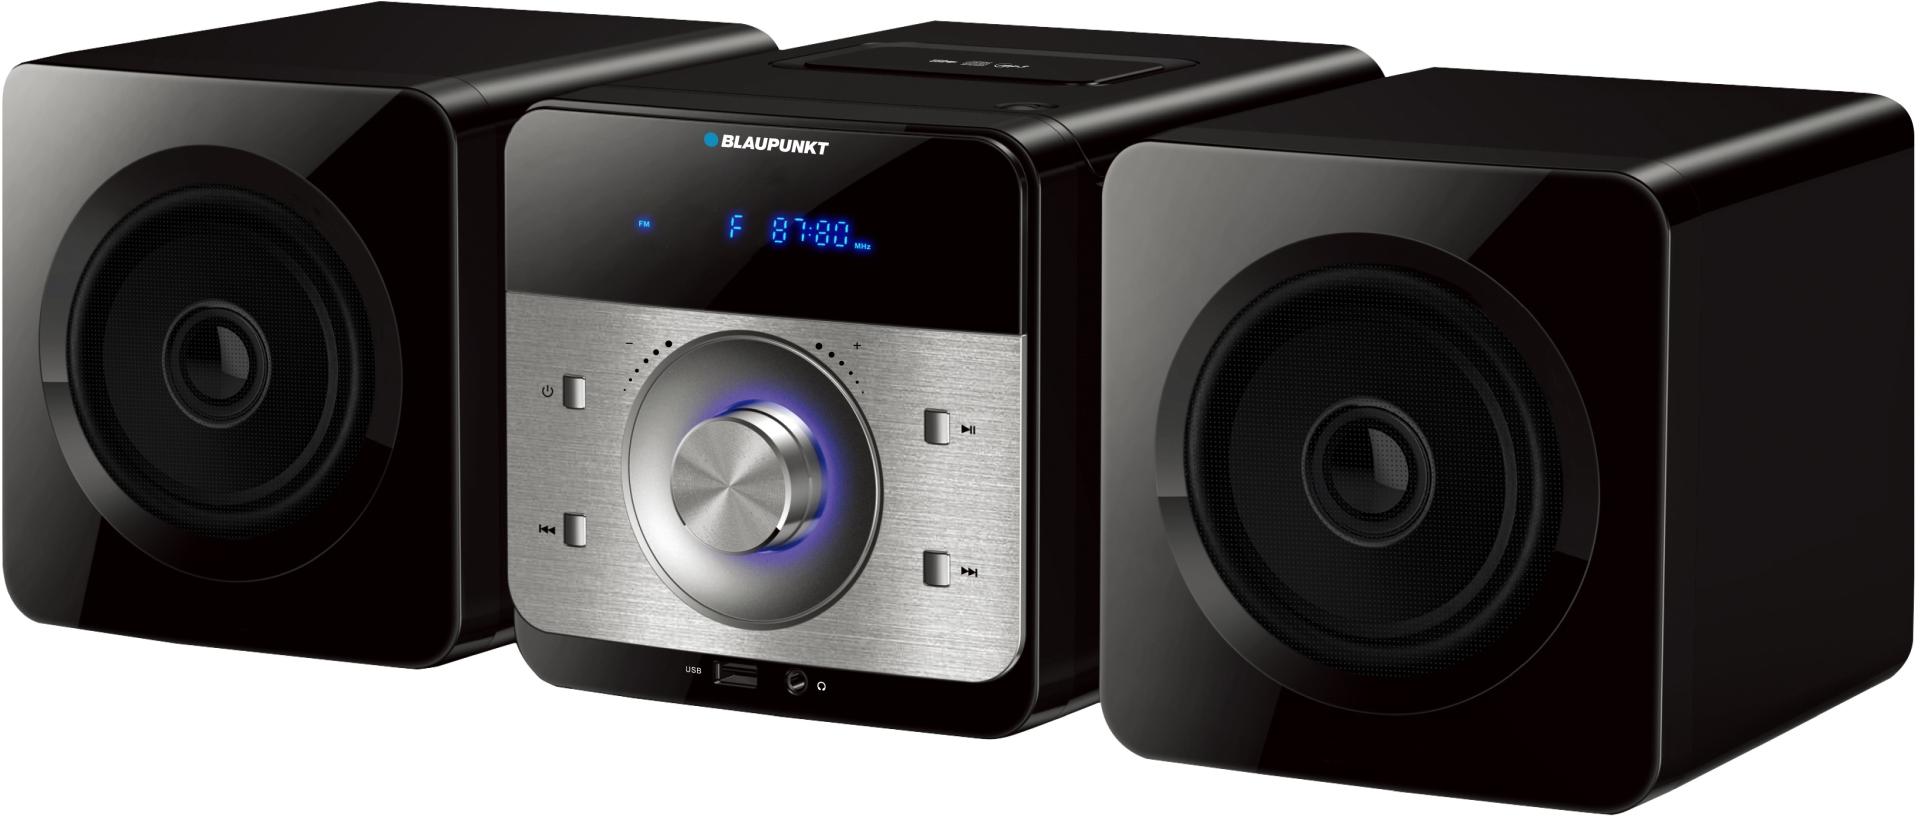 Miniwieża BLAUPUNKT MS6BK CD, USB, MP3, Radio, z pilotem, 30 W (RMS 10W)